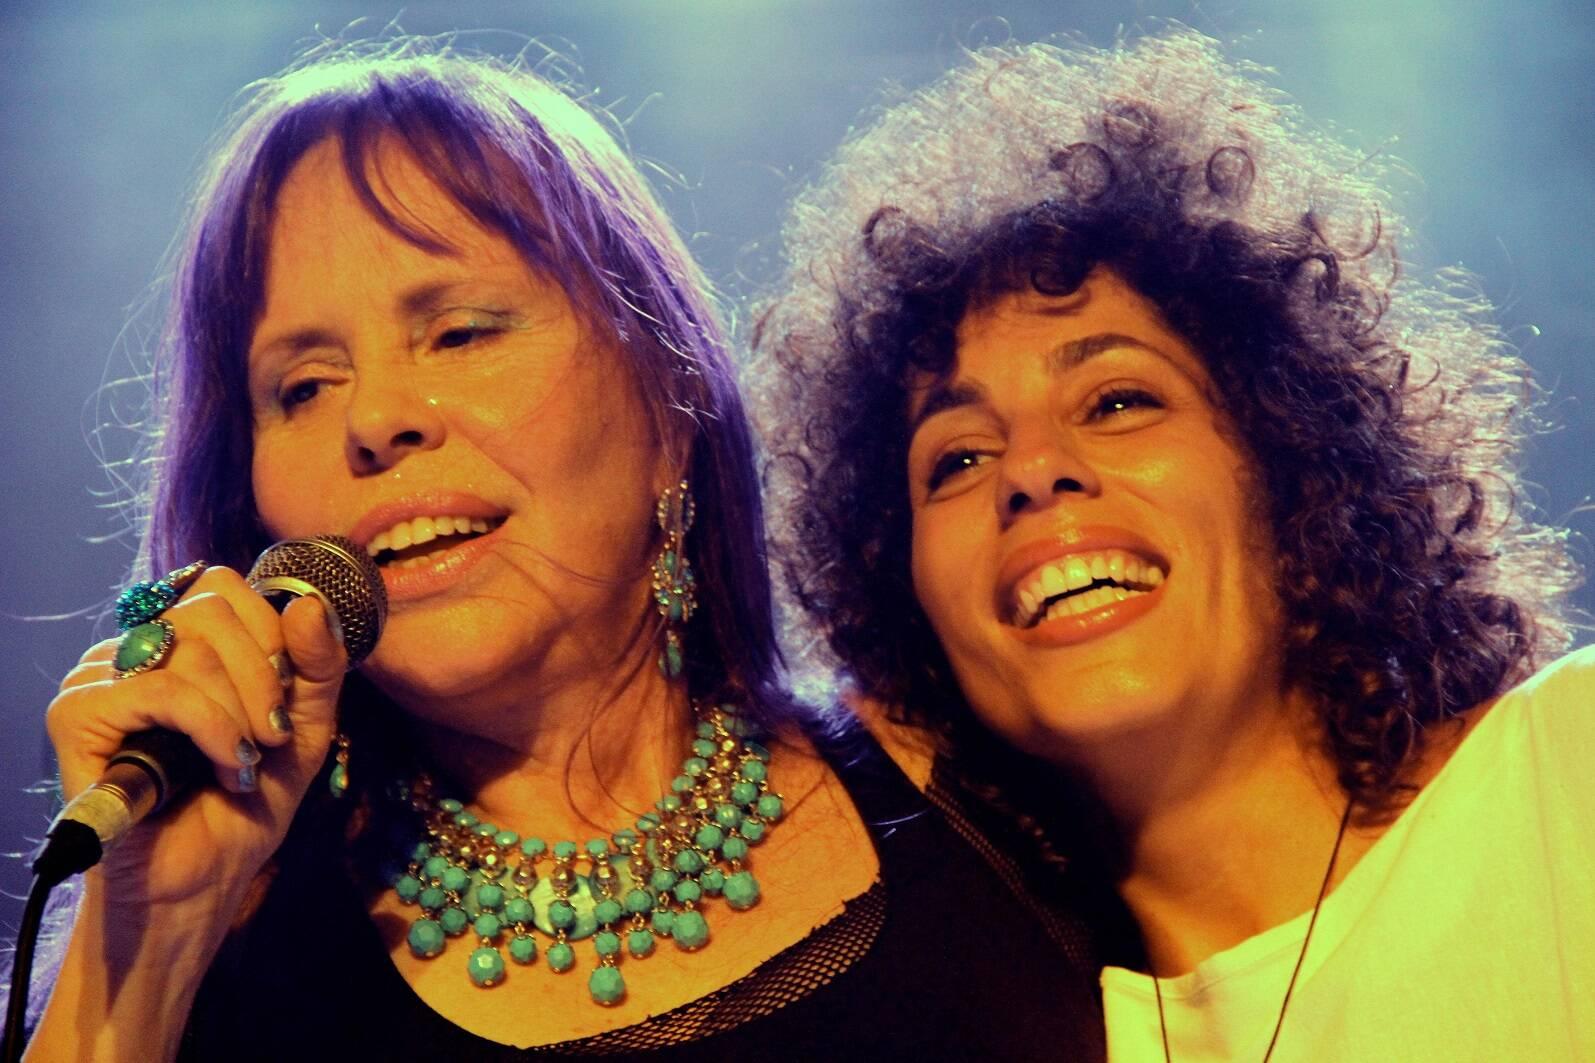 Baby do Brasil e Marcia Castro vão estar juntas, esta quinta-feira, em show no Acqua, em Ipanema / Foto: divulgação